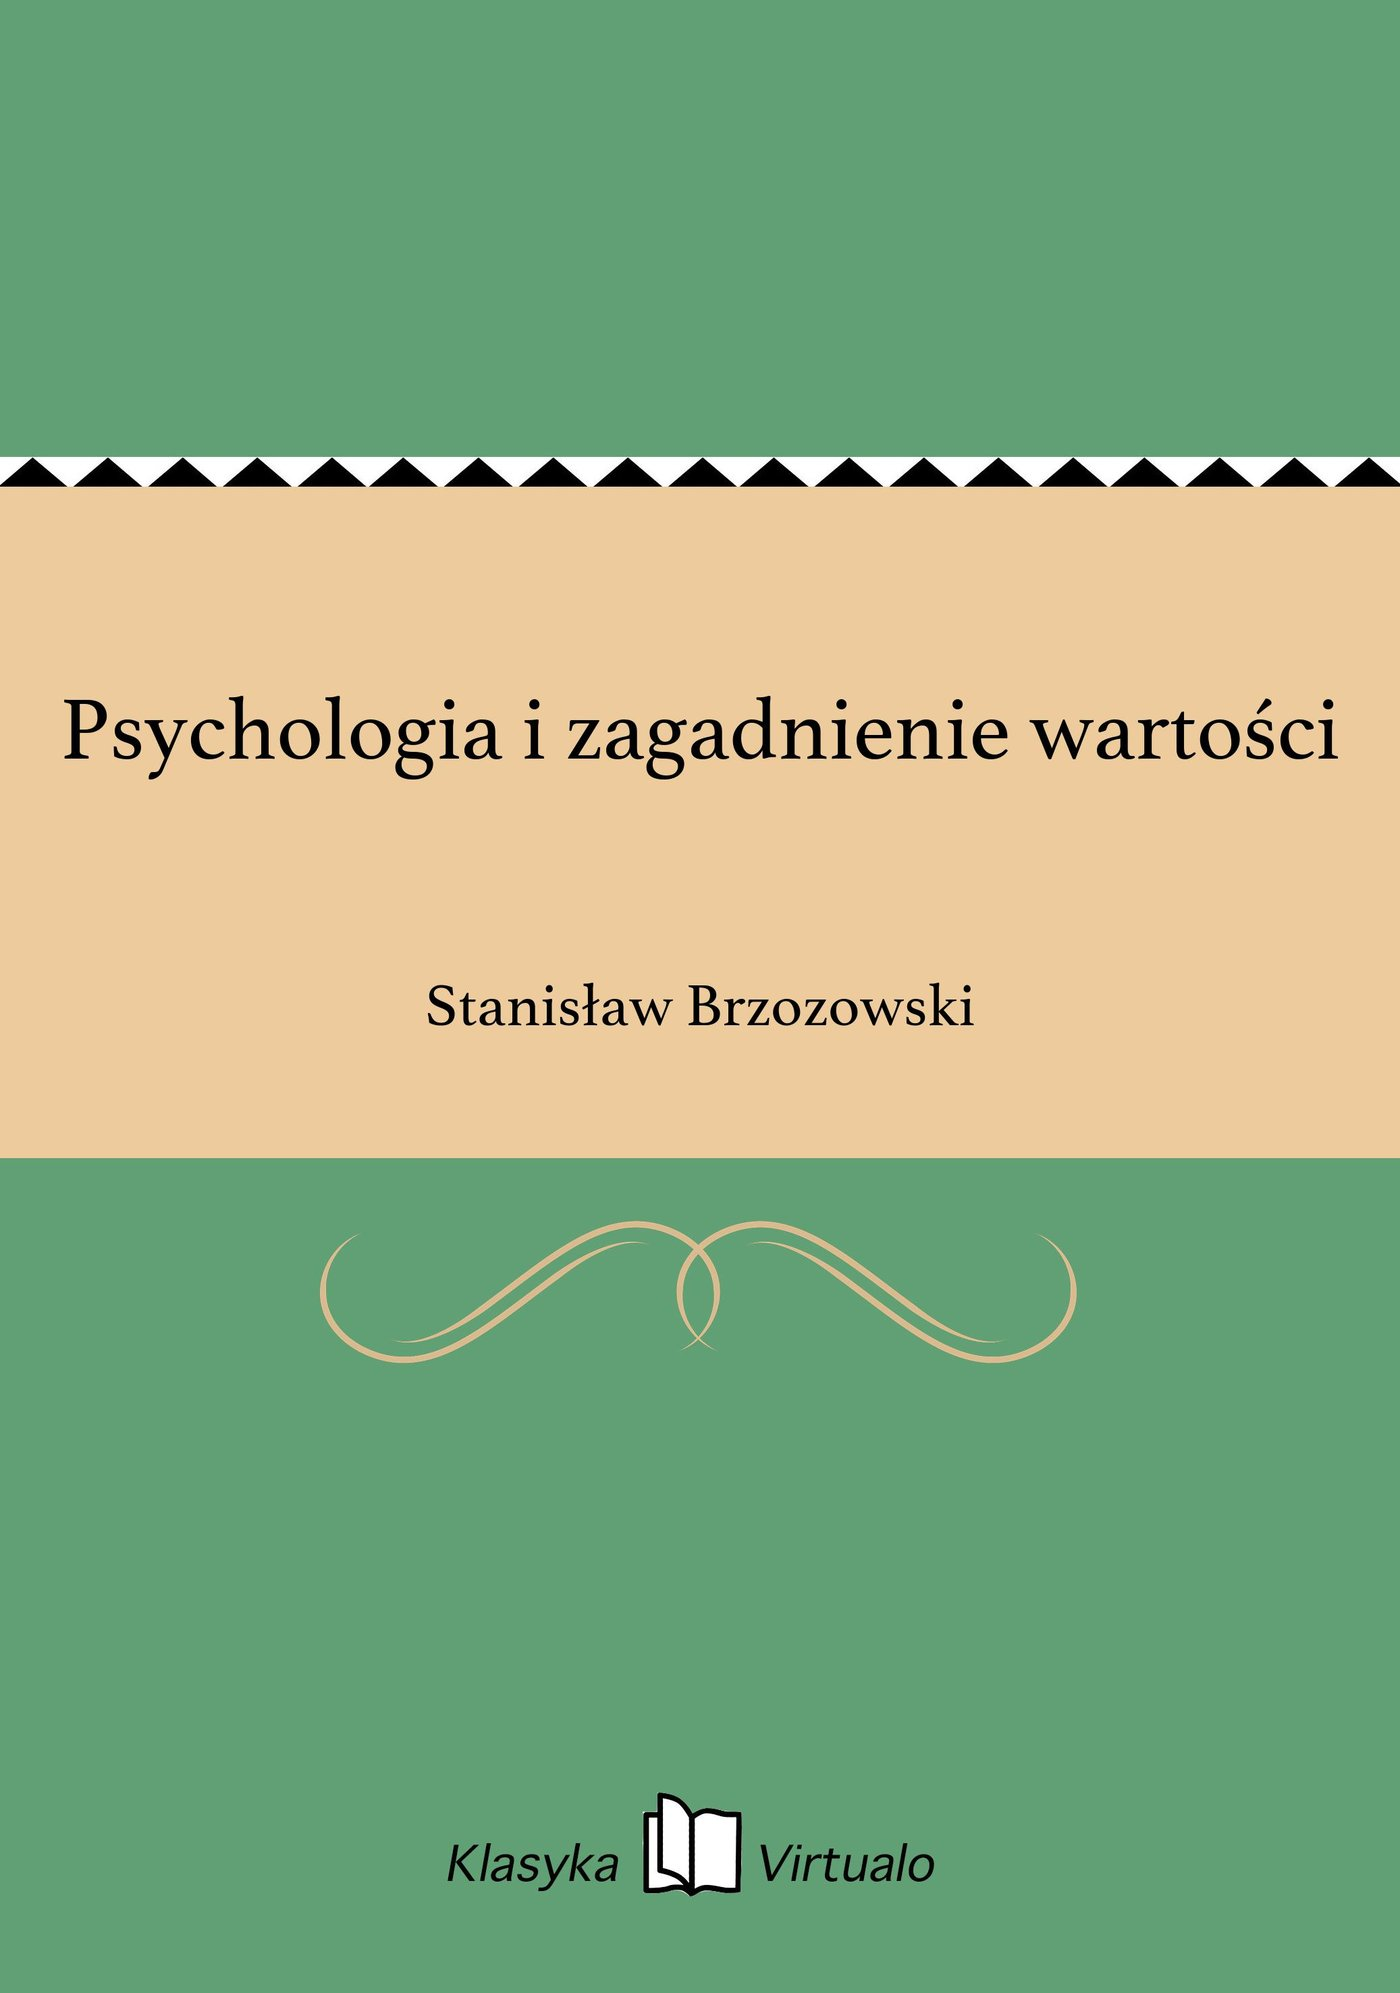 Psychologia i zagadnienie wartości - Ebook (Książka EPUB) do pobrania w formacie EPUB